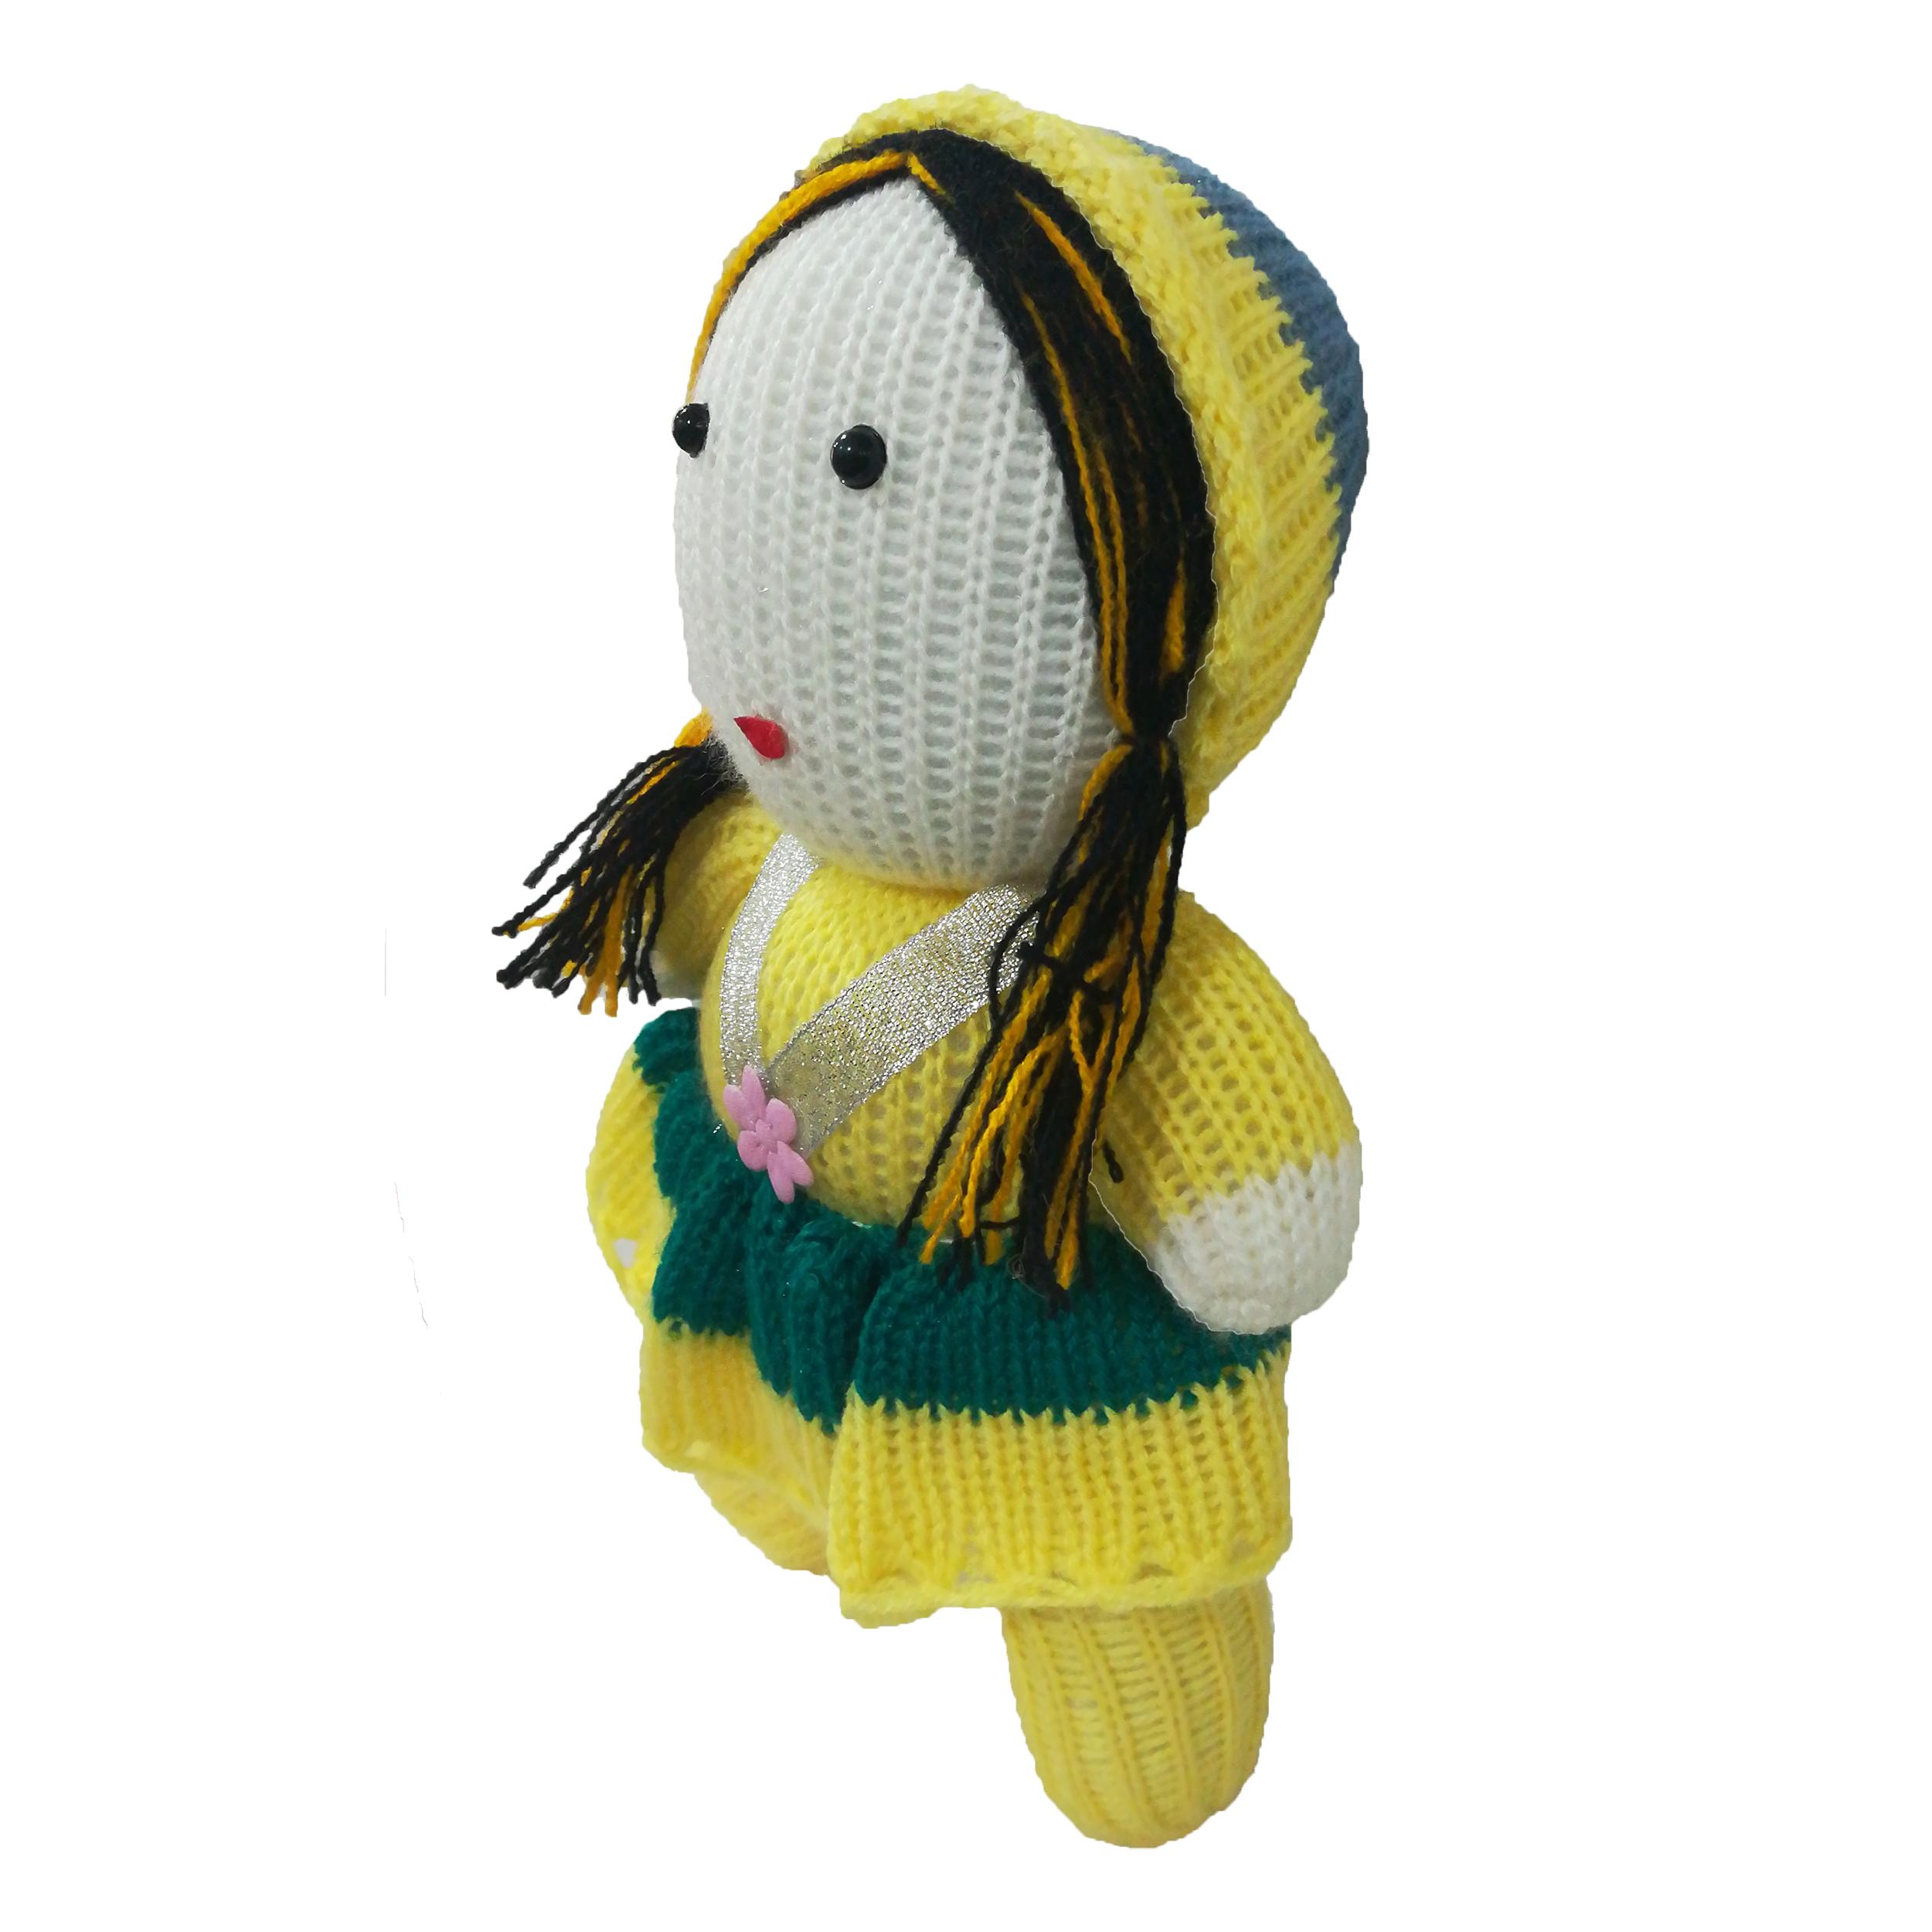 عروسک مدل دختر کلاه به سر کد B03 ارتفاع 21 سانتی متر